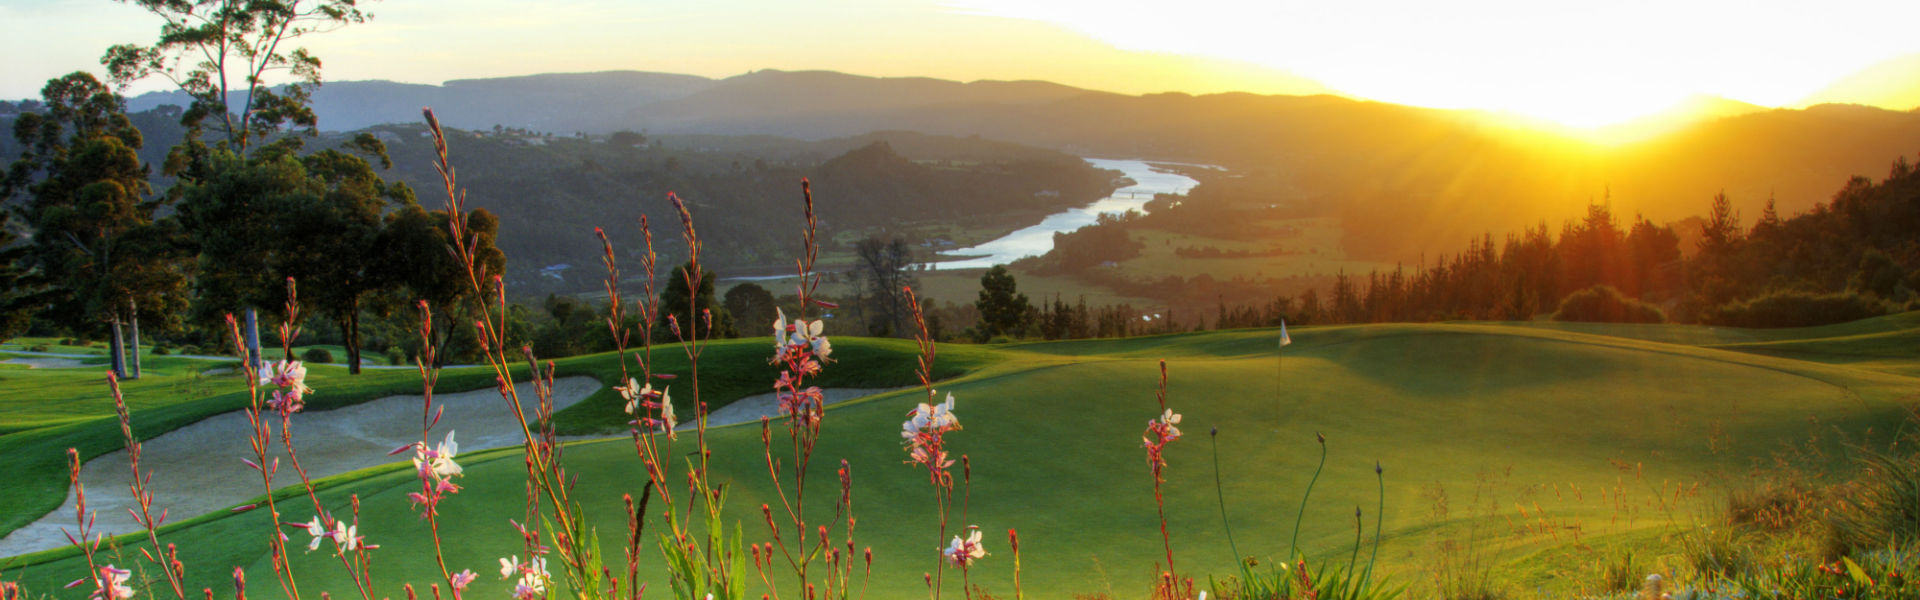 Simola-Estate-Golf-Course-1920